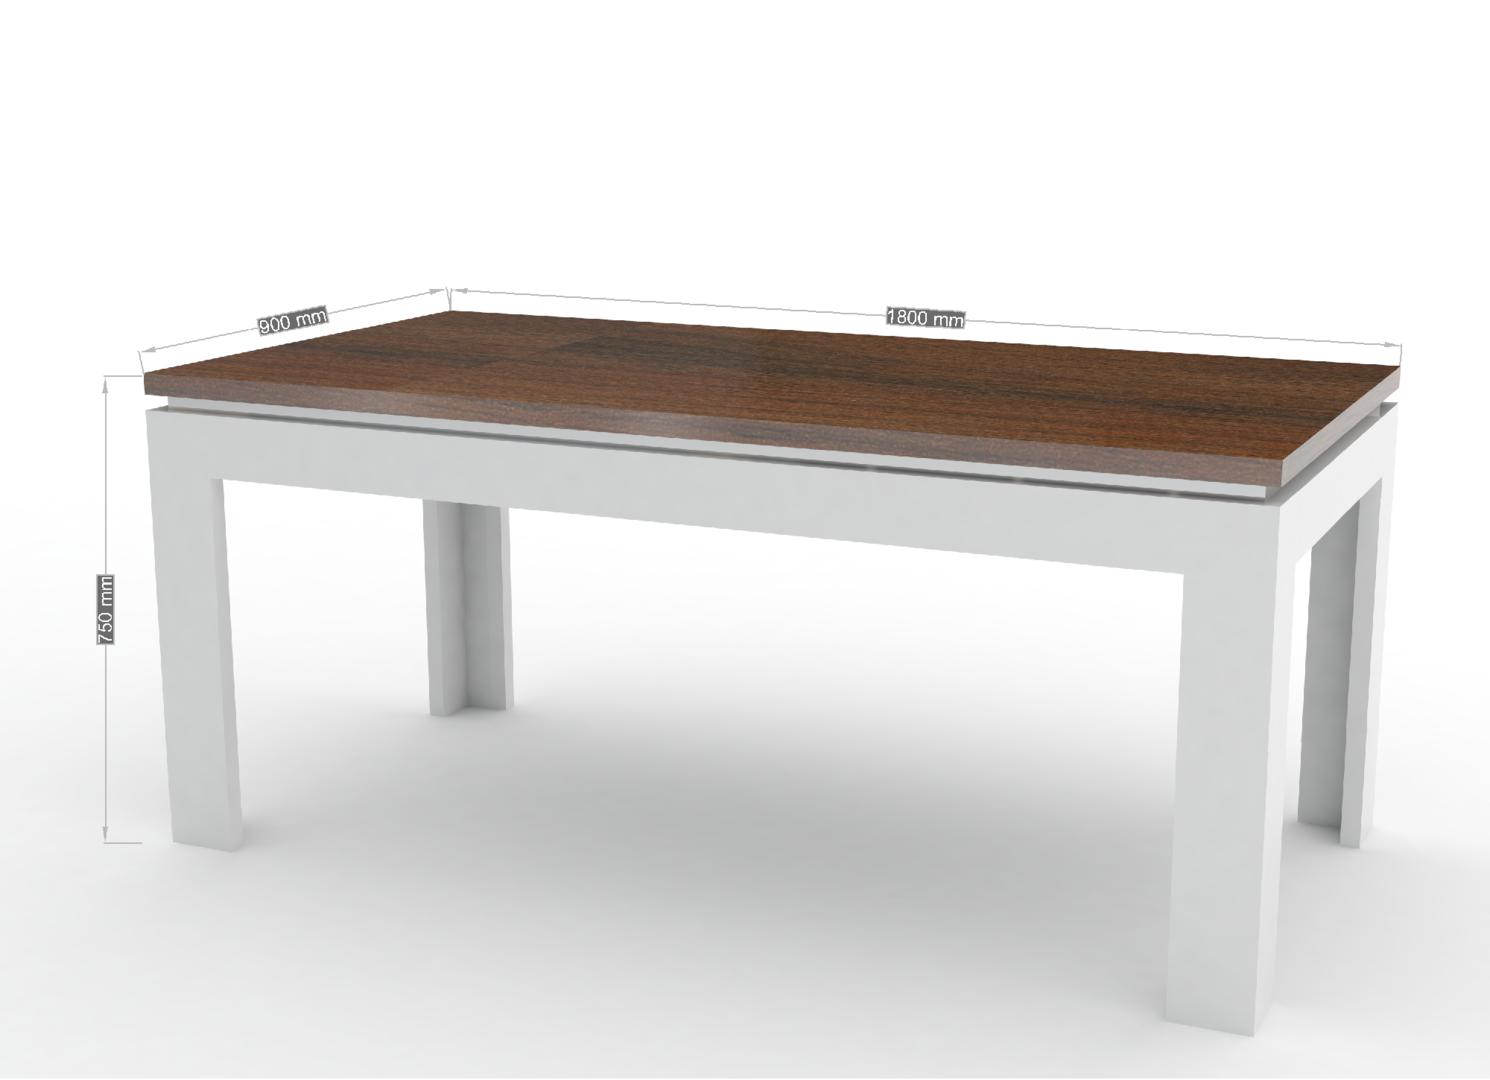 Tavolo moderno bianco messico mobile per sala da pranzo for Mobile basso da sala